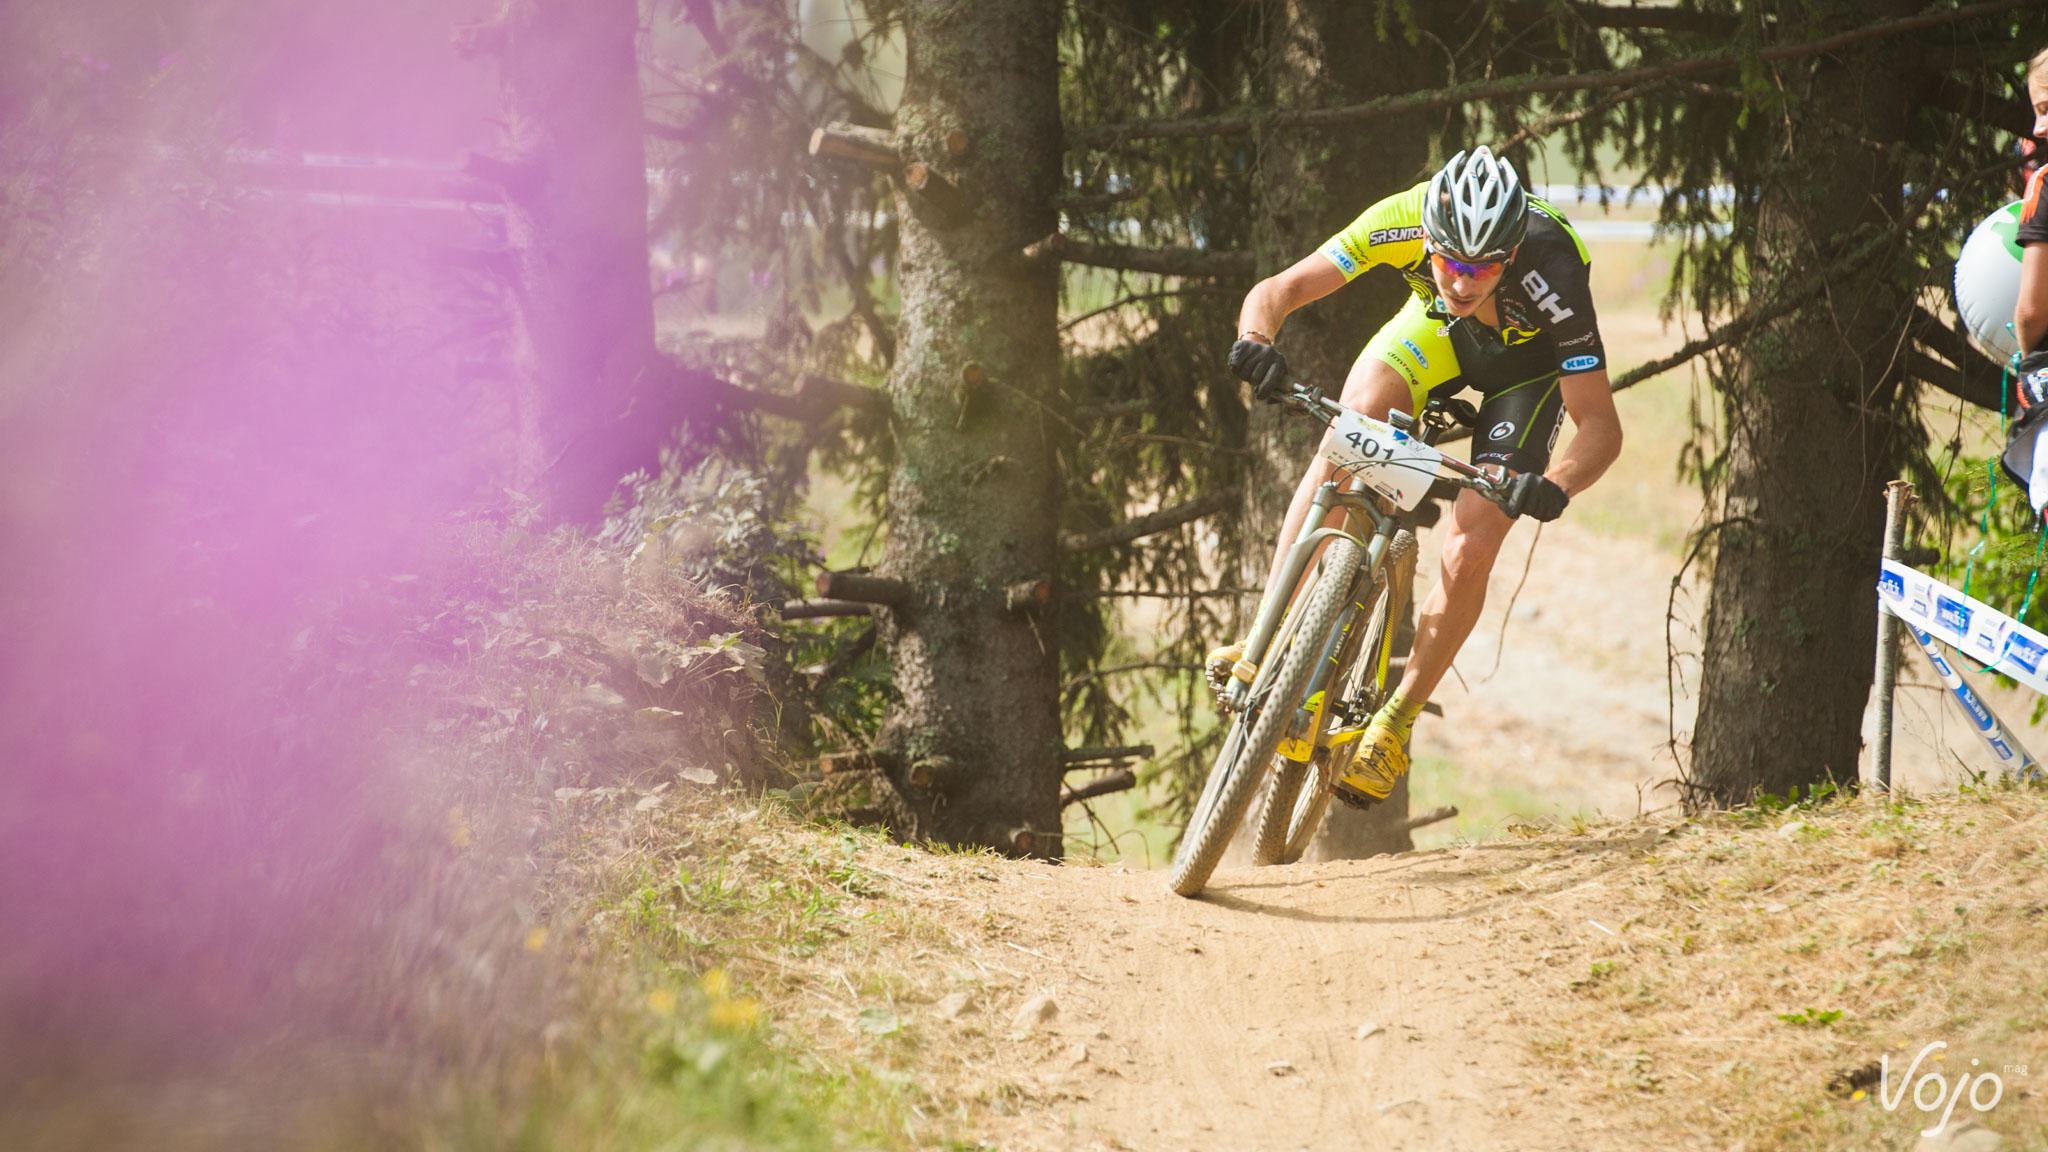 Championnats-de-france-2015-Oz-XC-Espoirs-finale-13